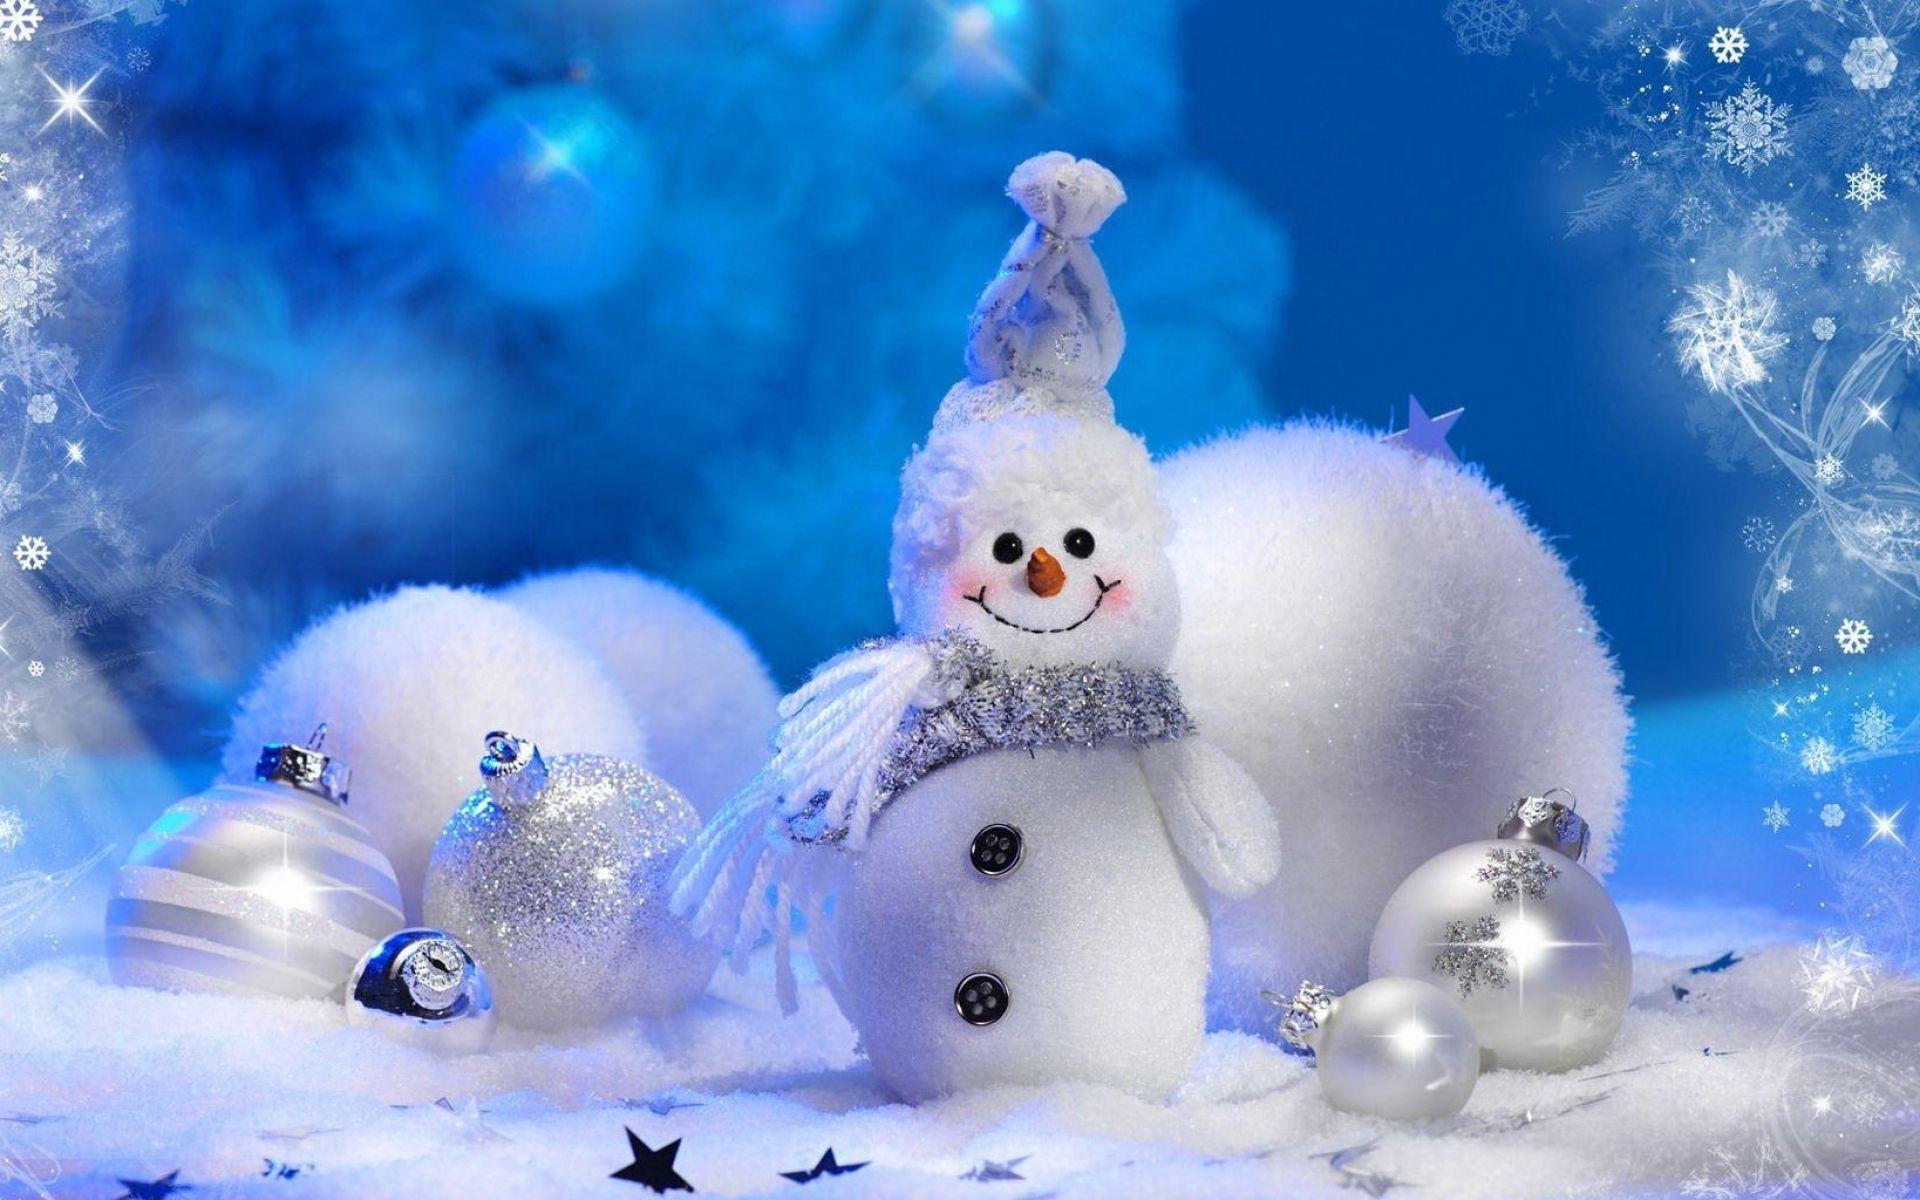 Fondos Verdes De Navidad Para Pantalla Hd 2 Hd Wallpapers: Cincuenta Fondos De Pantallas De Navidad Y Año Nuevo Para